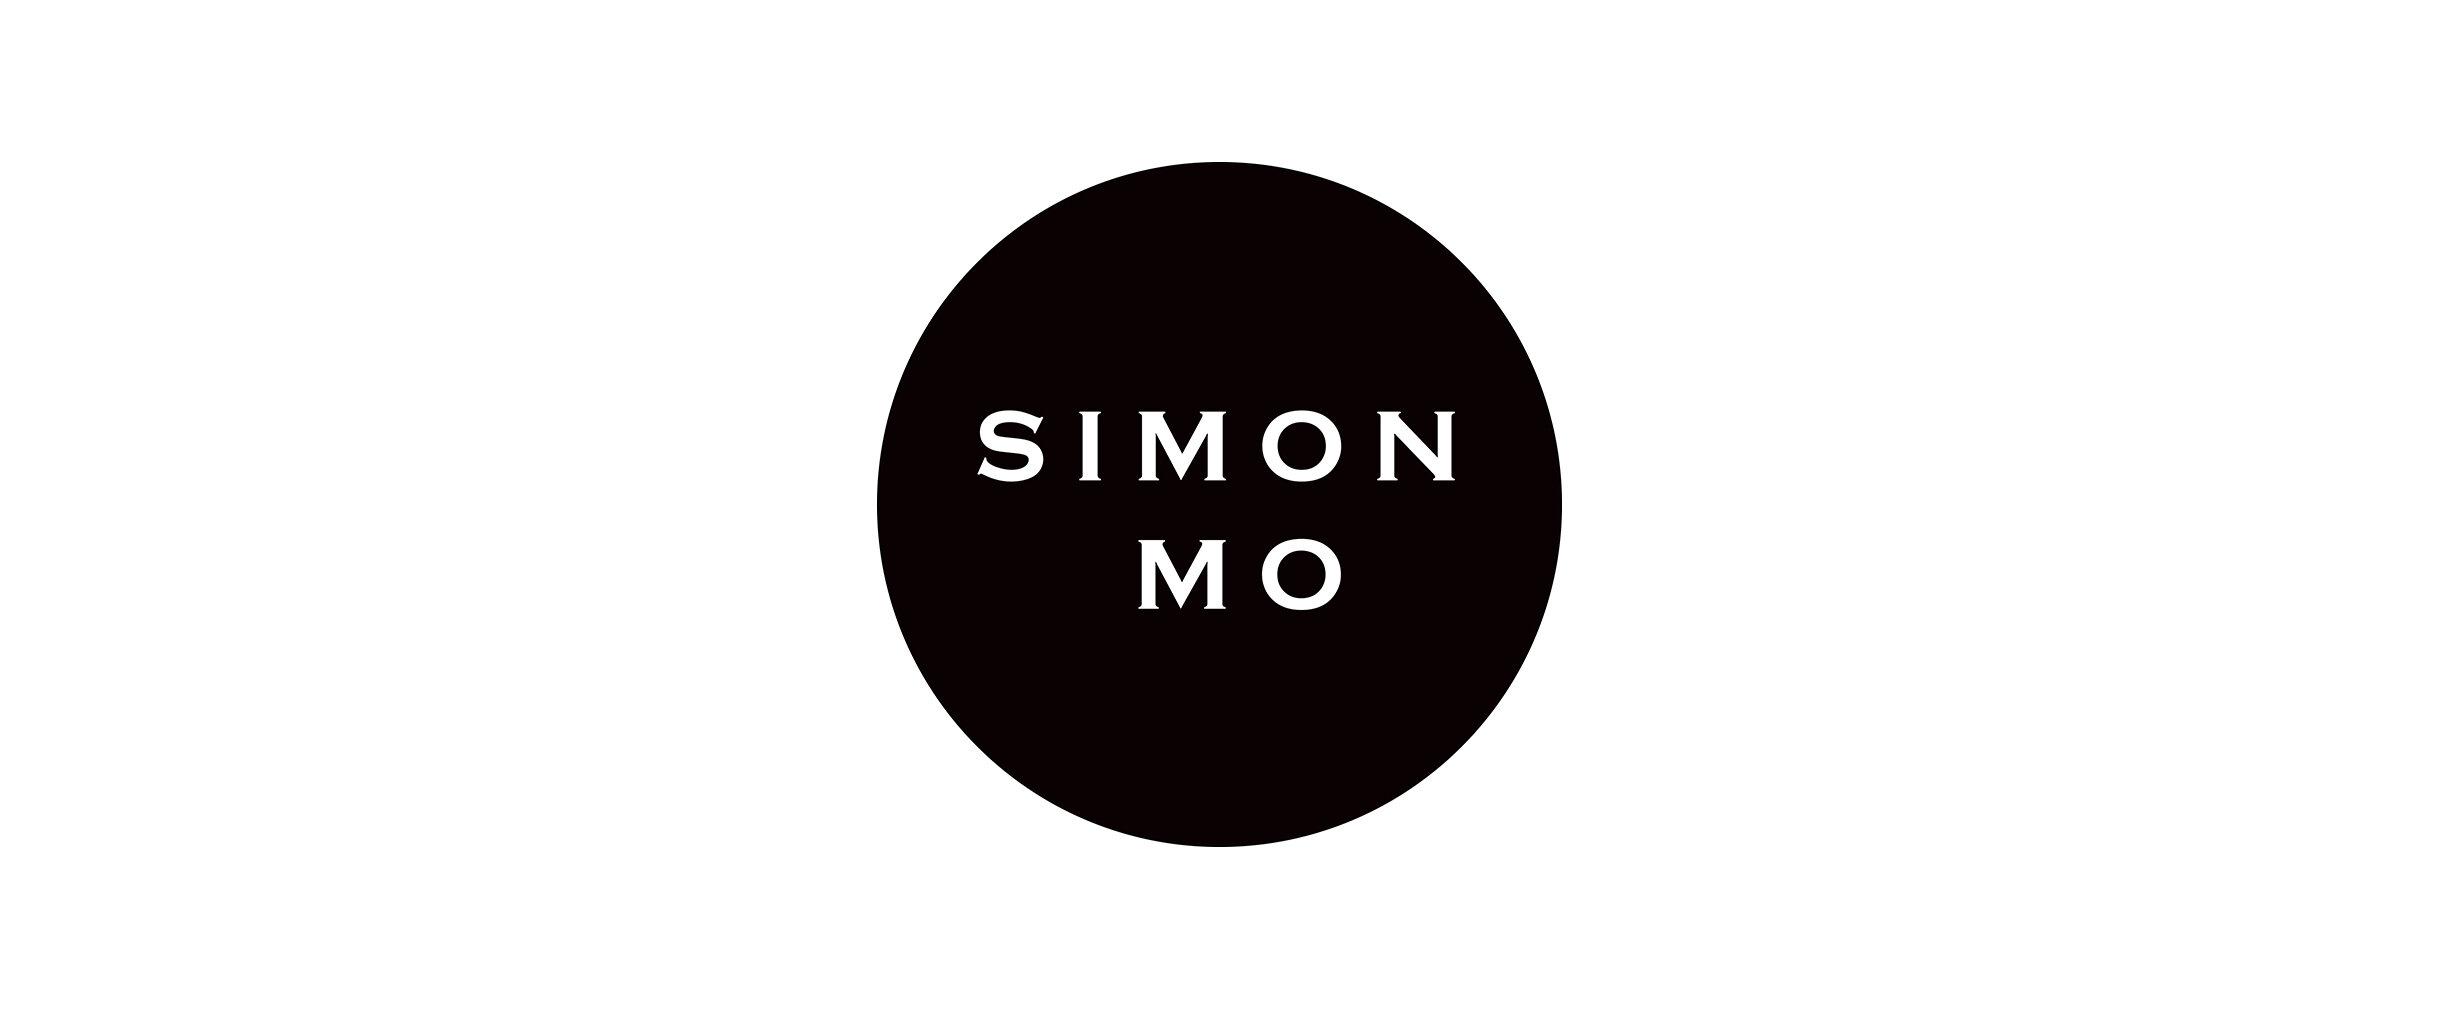 SIMONMO ROUND LOGO